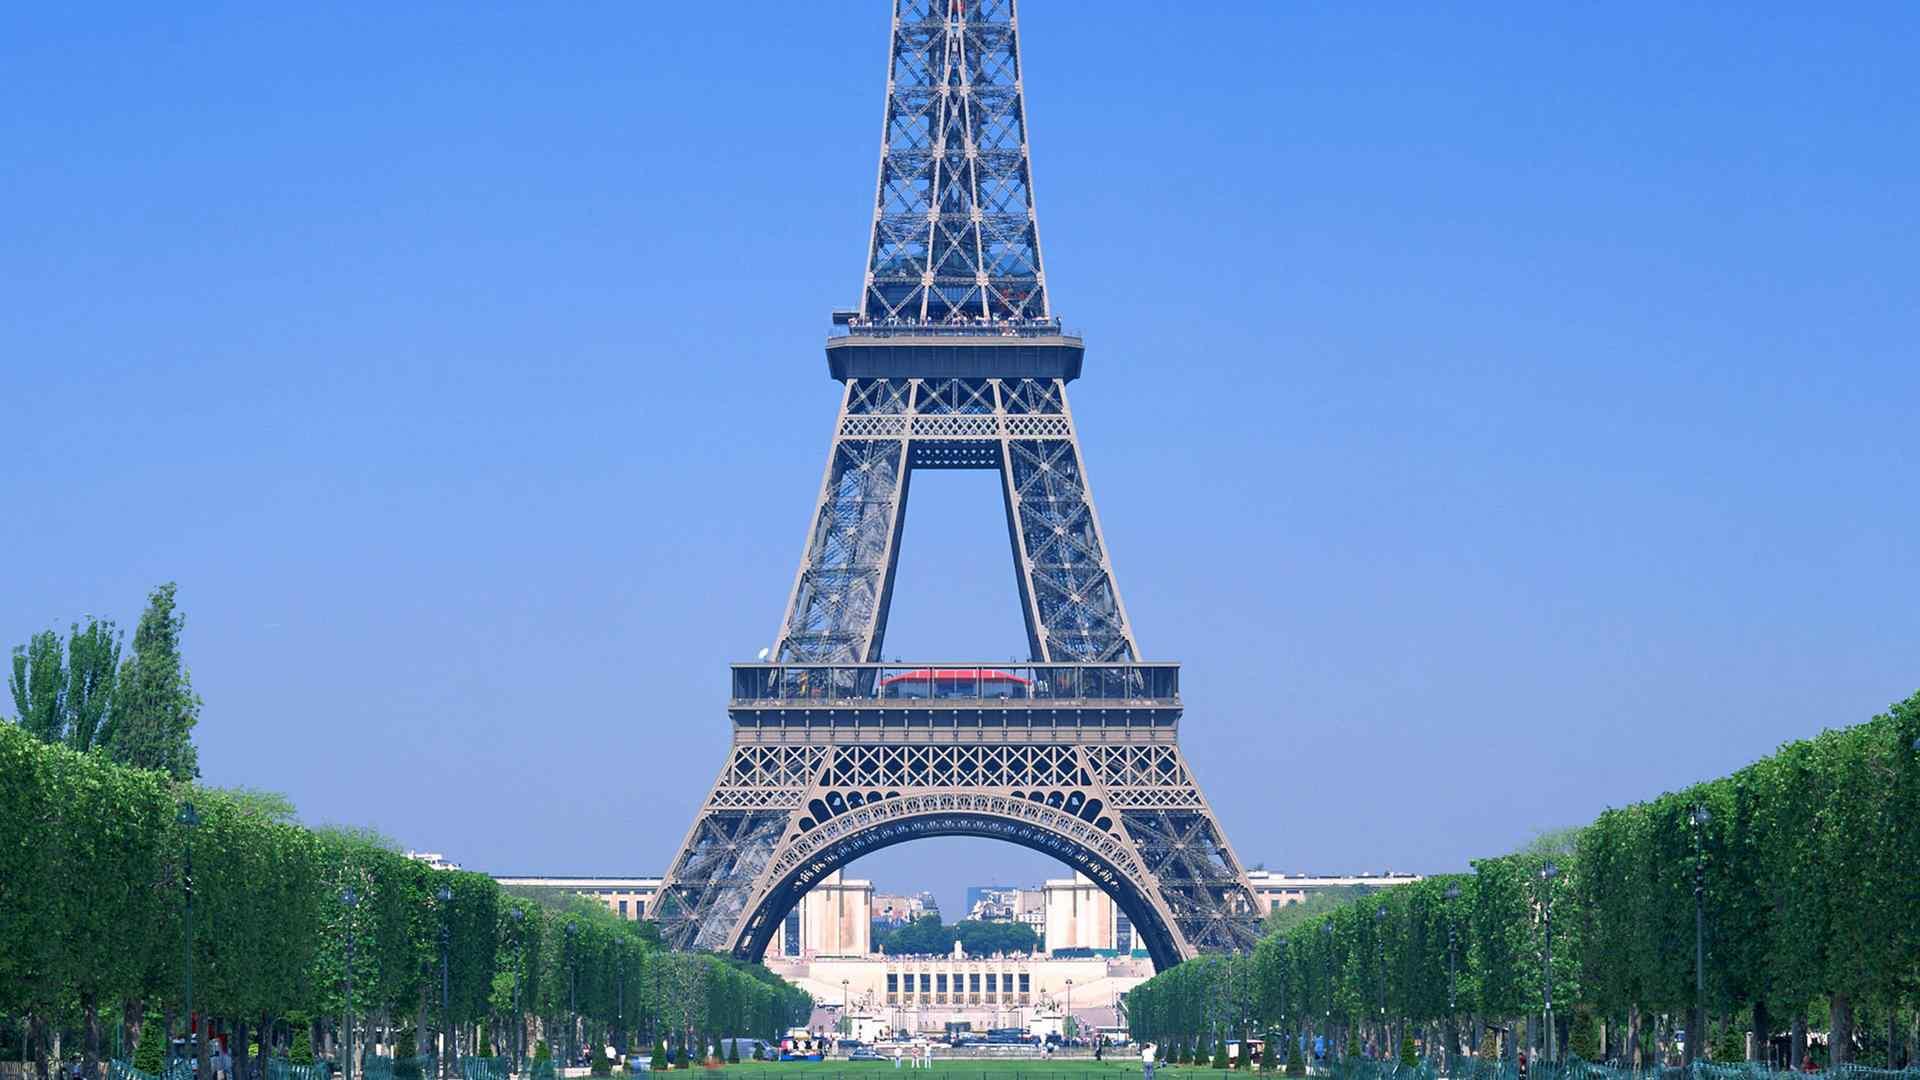 埃菲尔铁塔唯美风景都市美景图片高清桌面壁纸